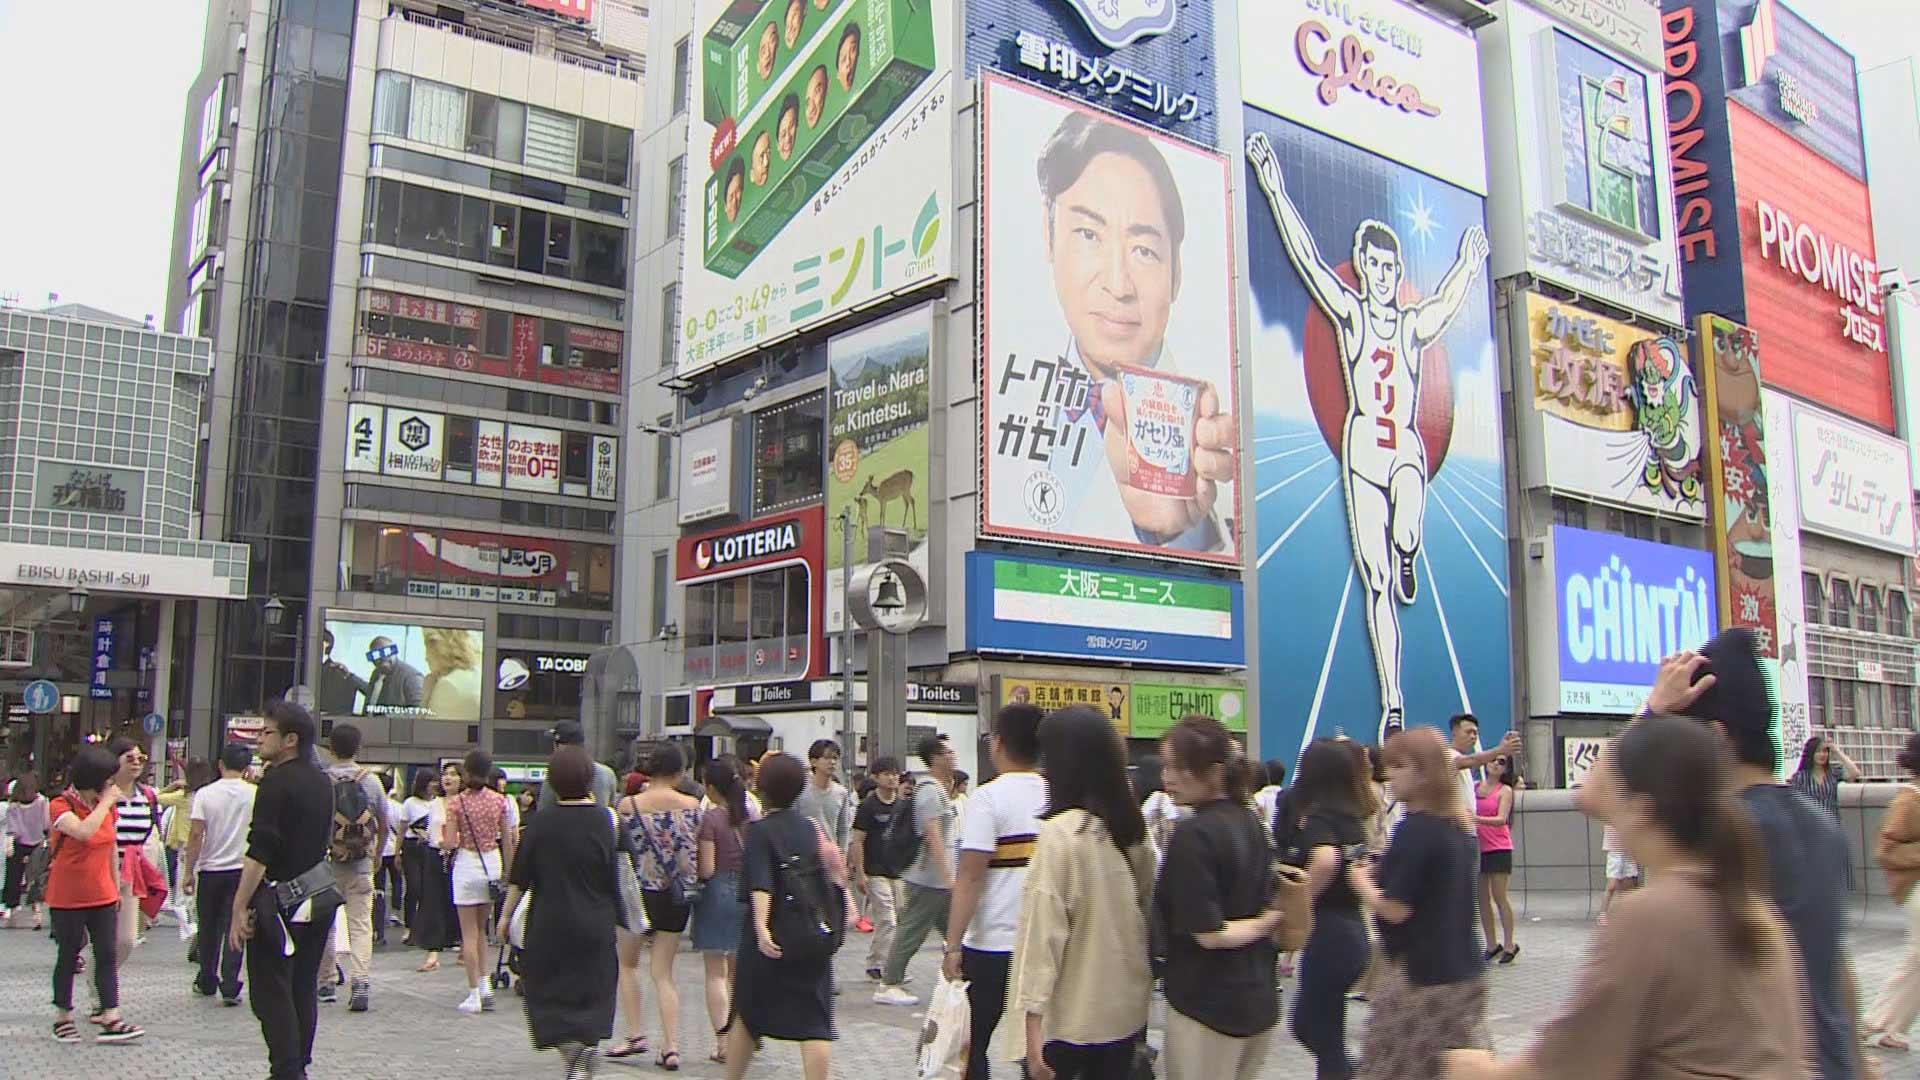 '日여행 불매운동' 일본 강타…9월 日방문 한국인 58%나 급감